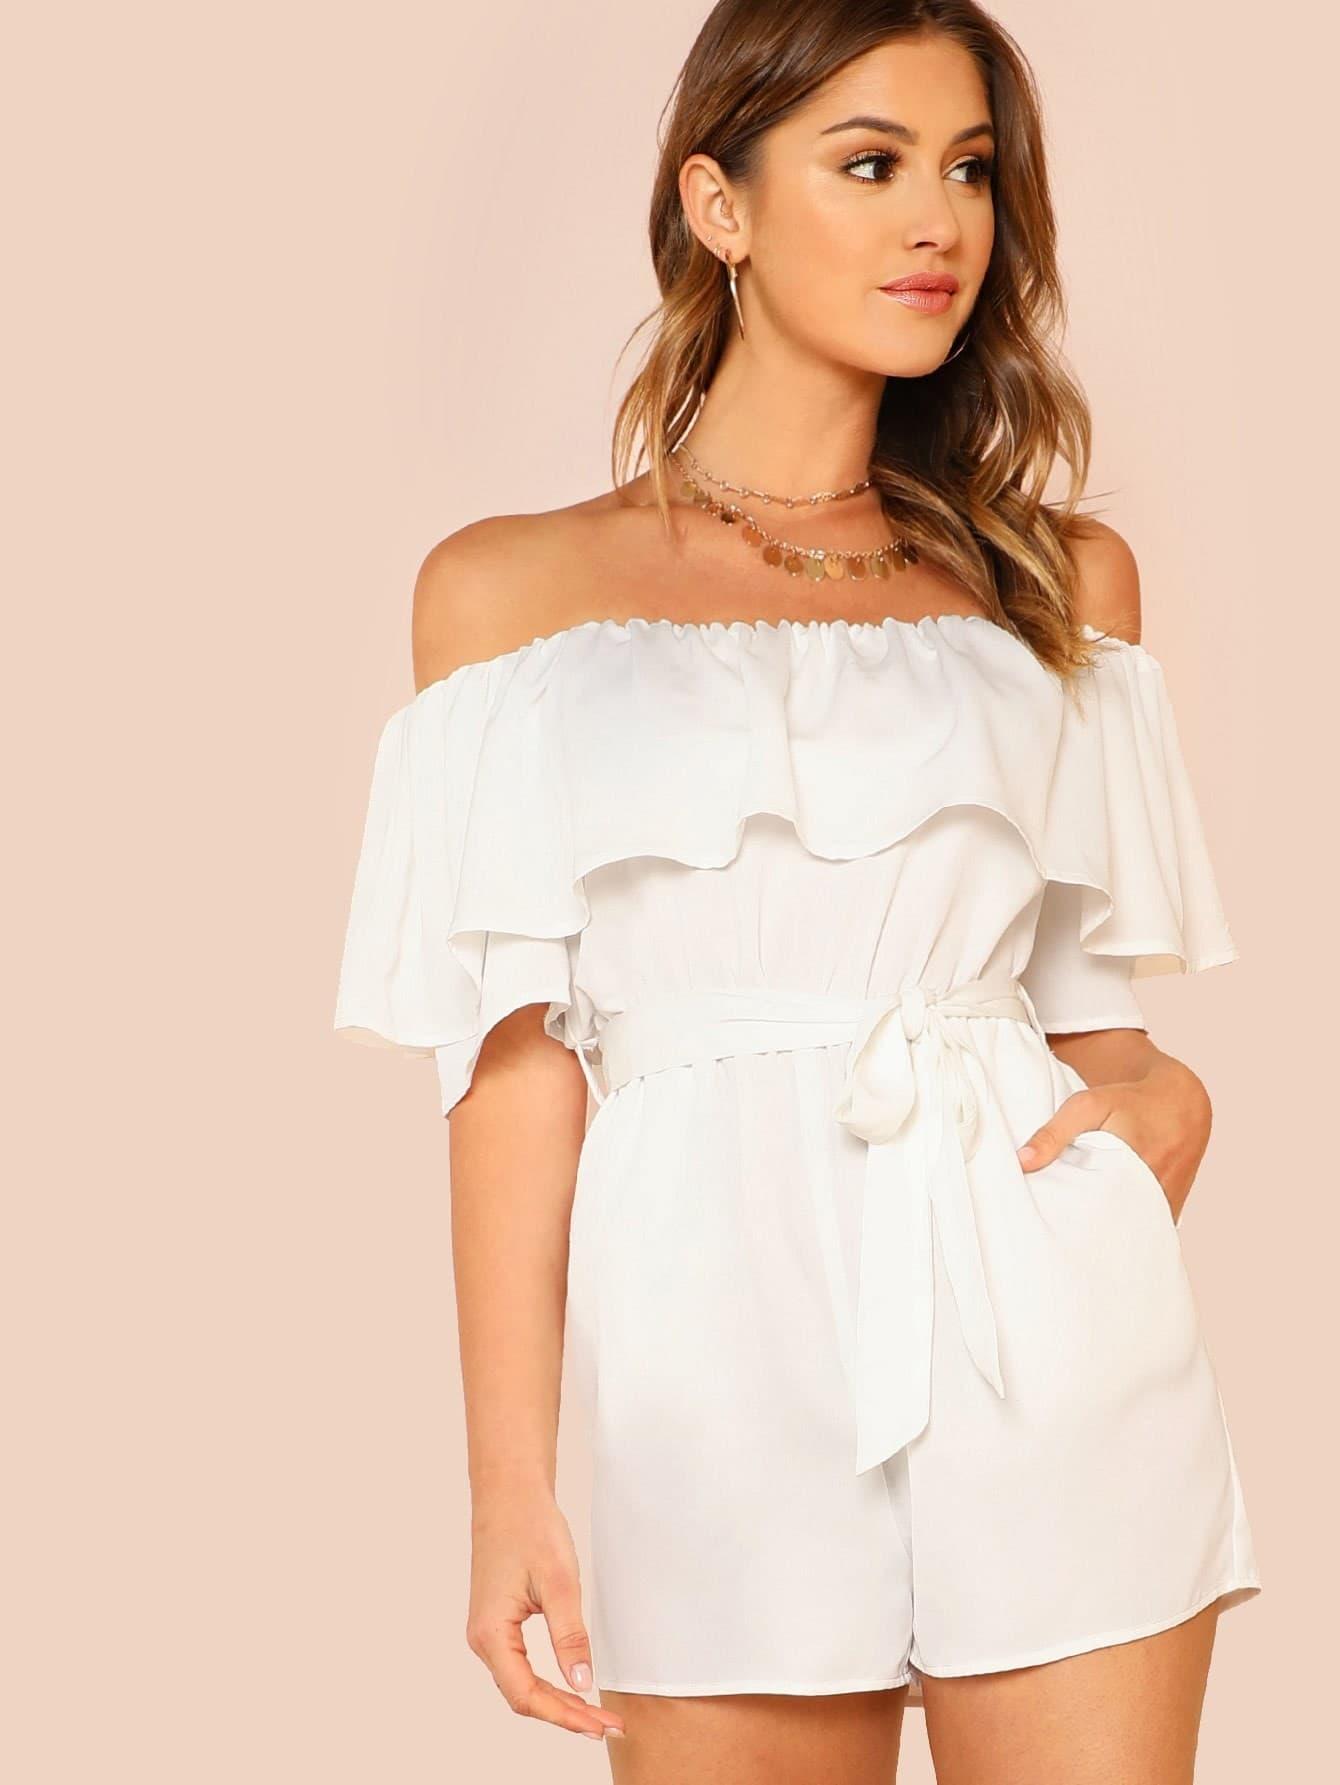 Купить Модный комбинезон с поясом и открытыми плечами, Gigi Paris, SheIn